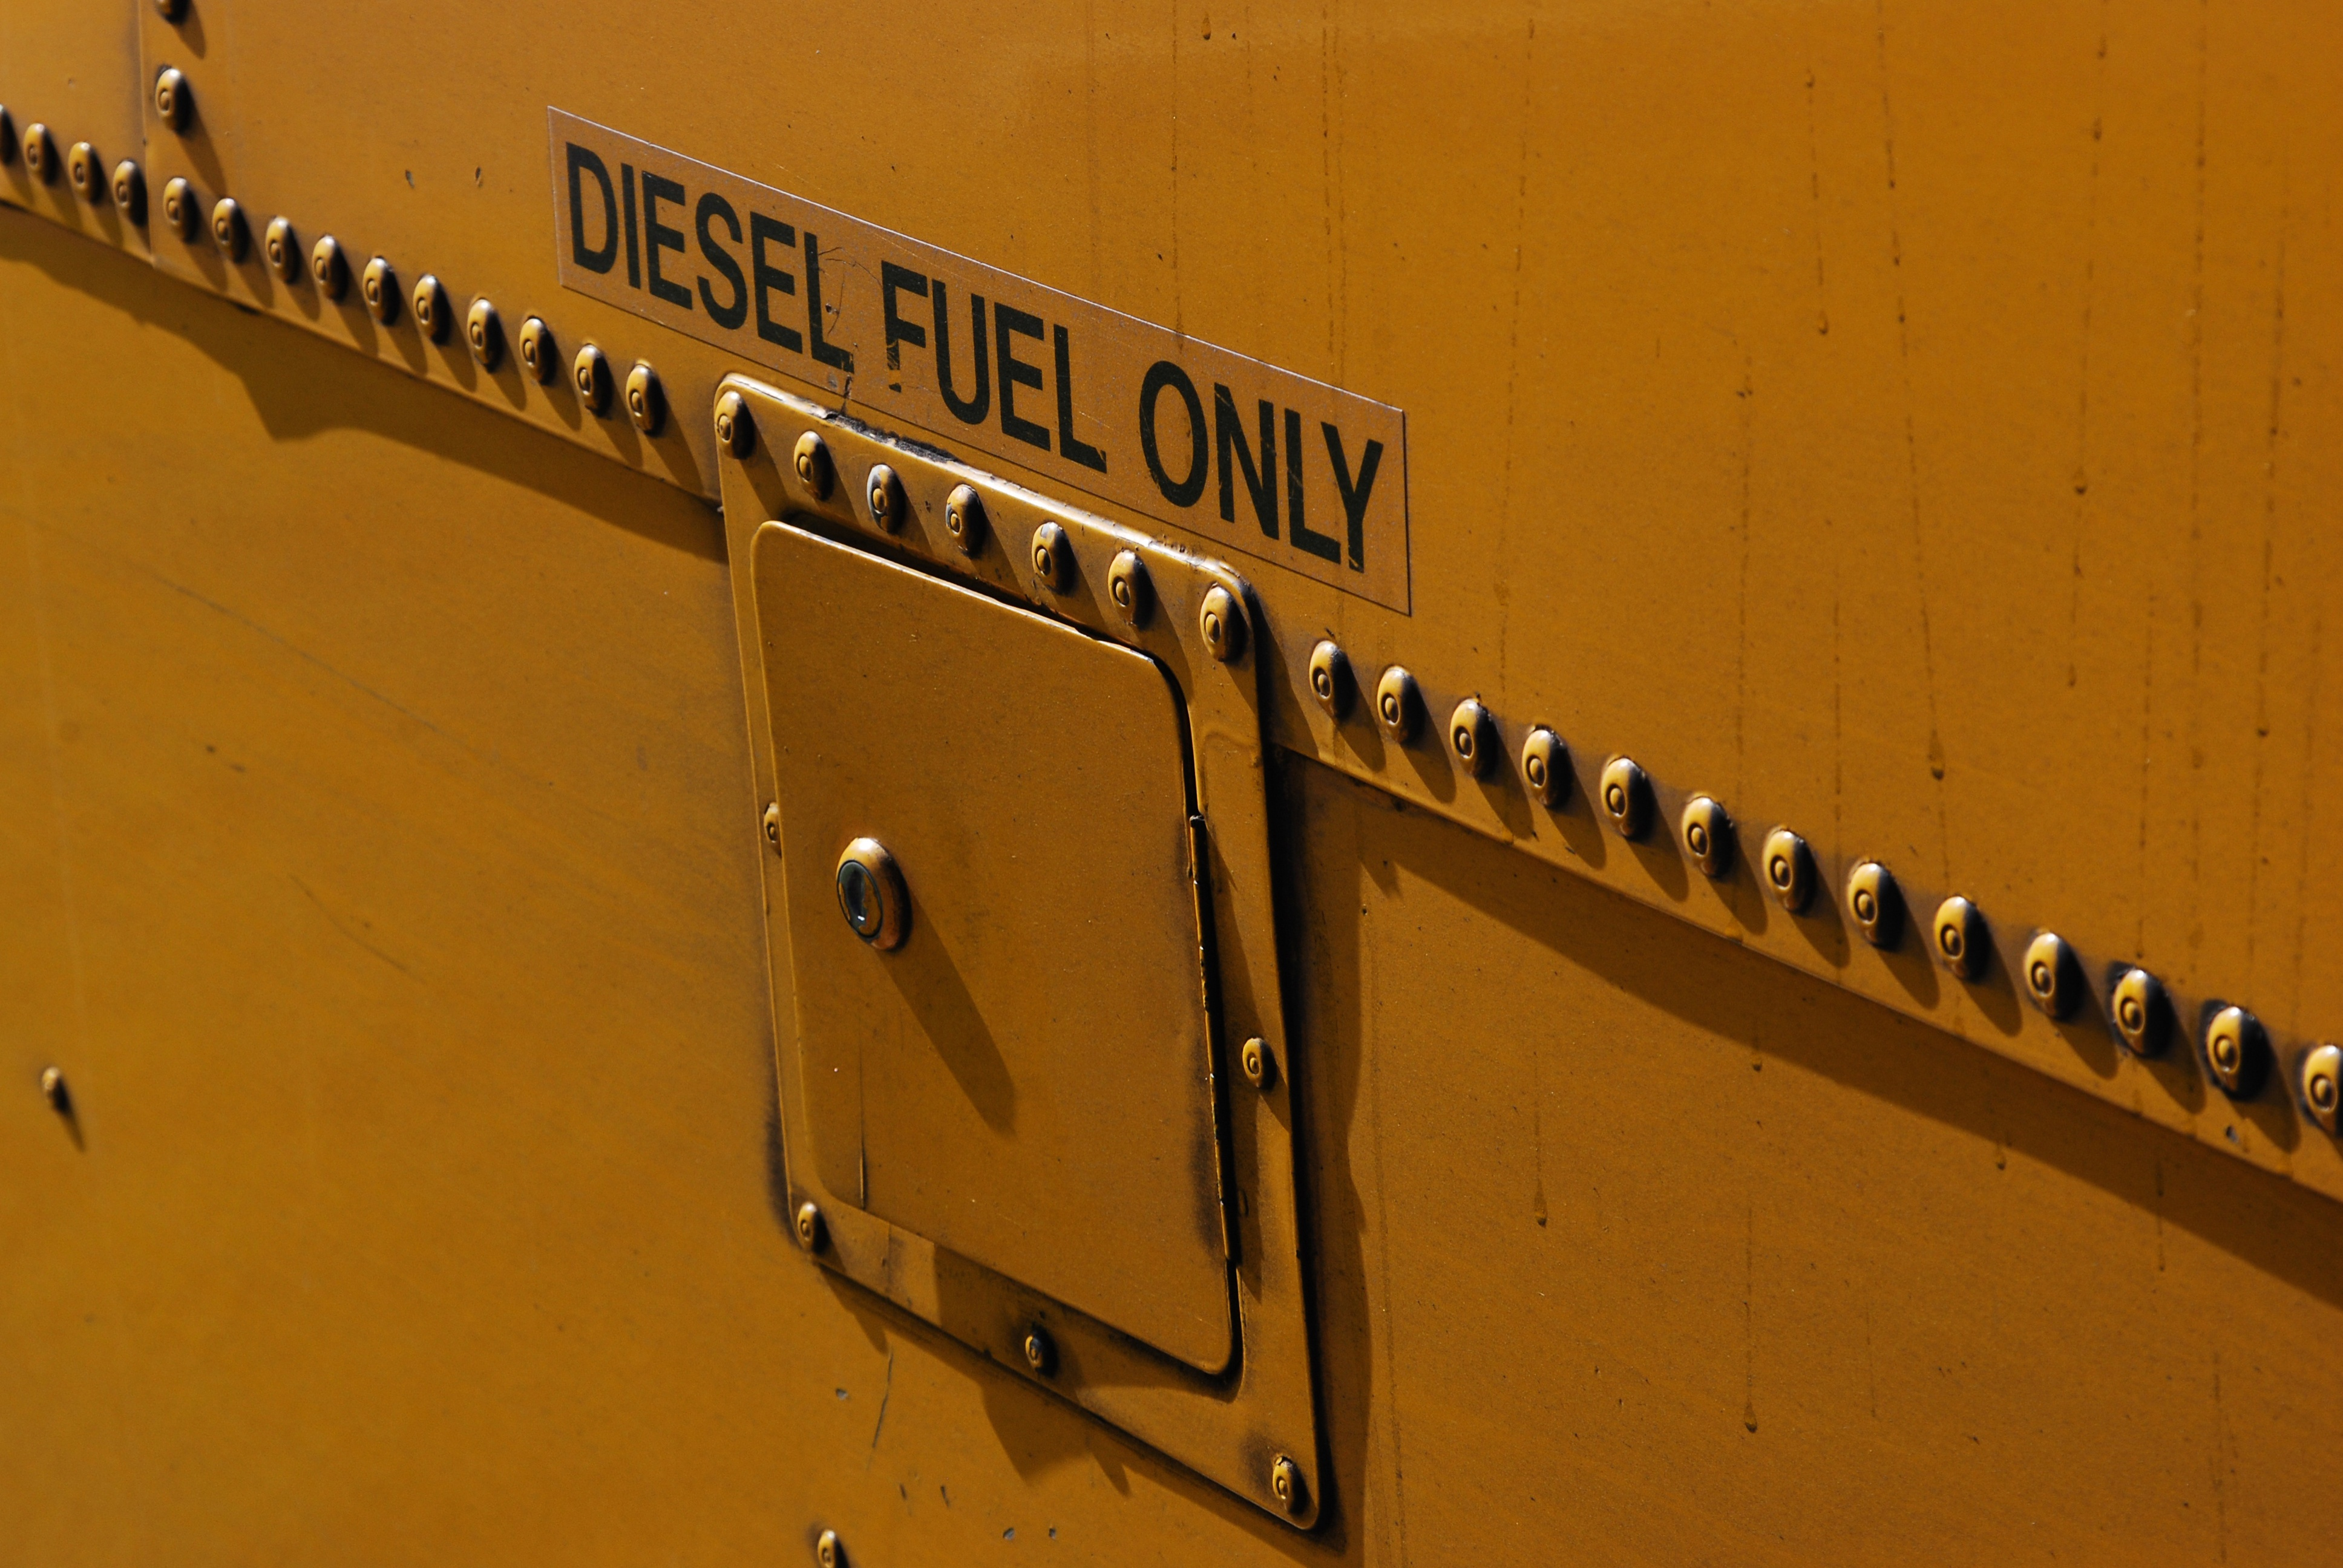 school bus fuels.jpg